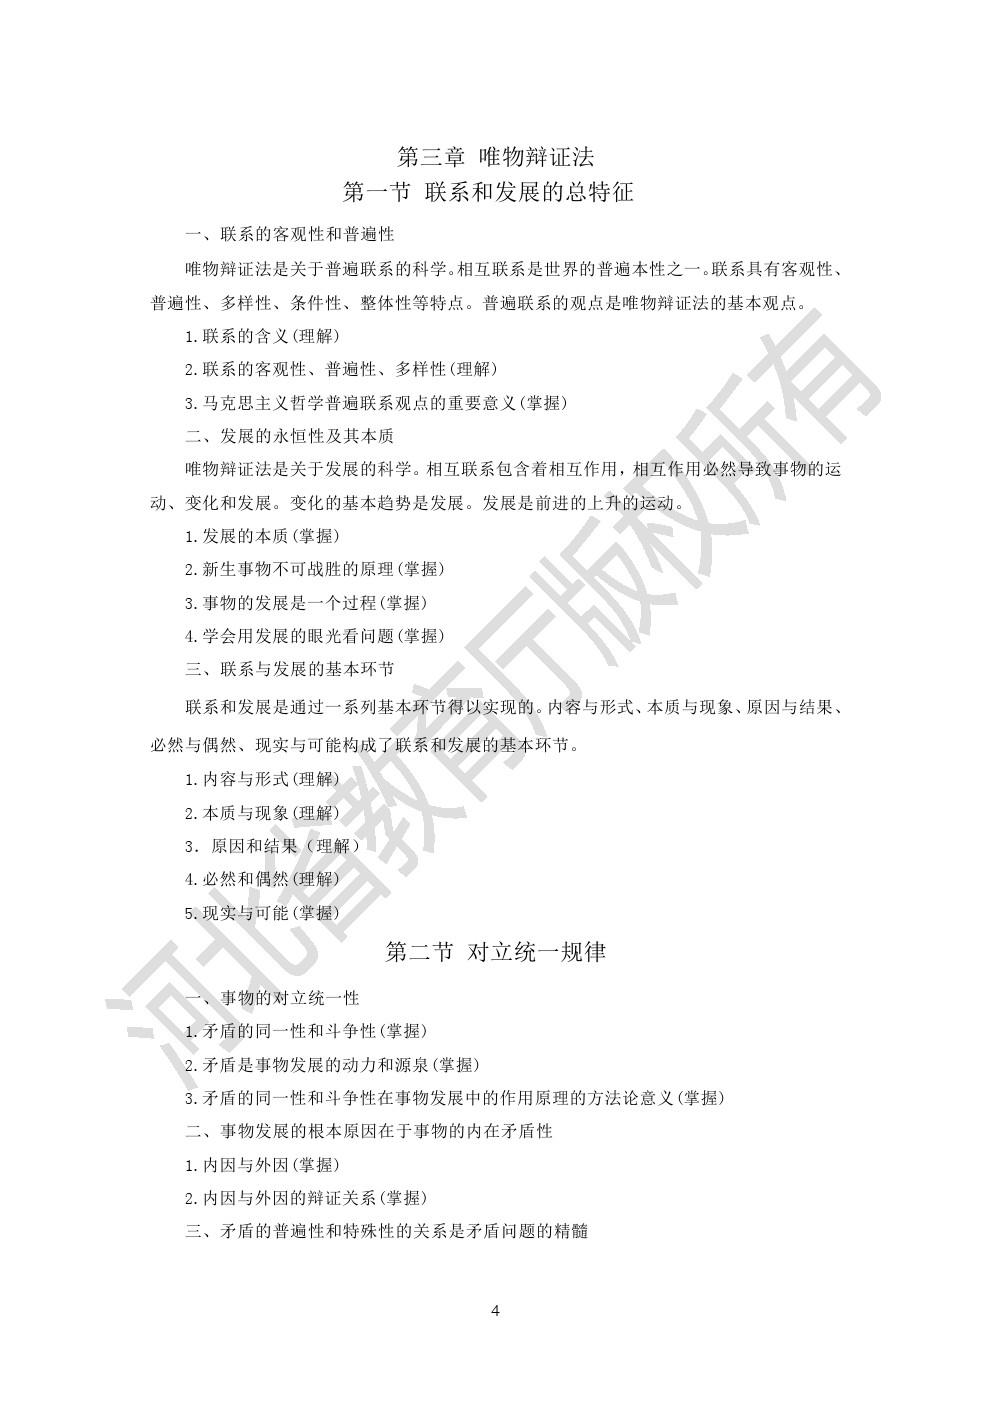 2020年河北省专接本考试公共课-政治考试说明